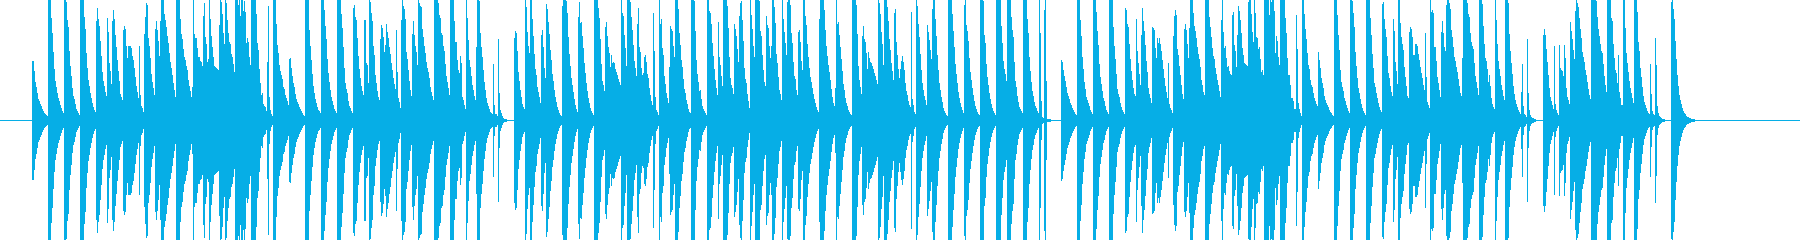 小動物っぽさのあるかわいいマリンバソロの再生済みの波形